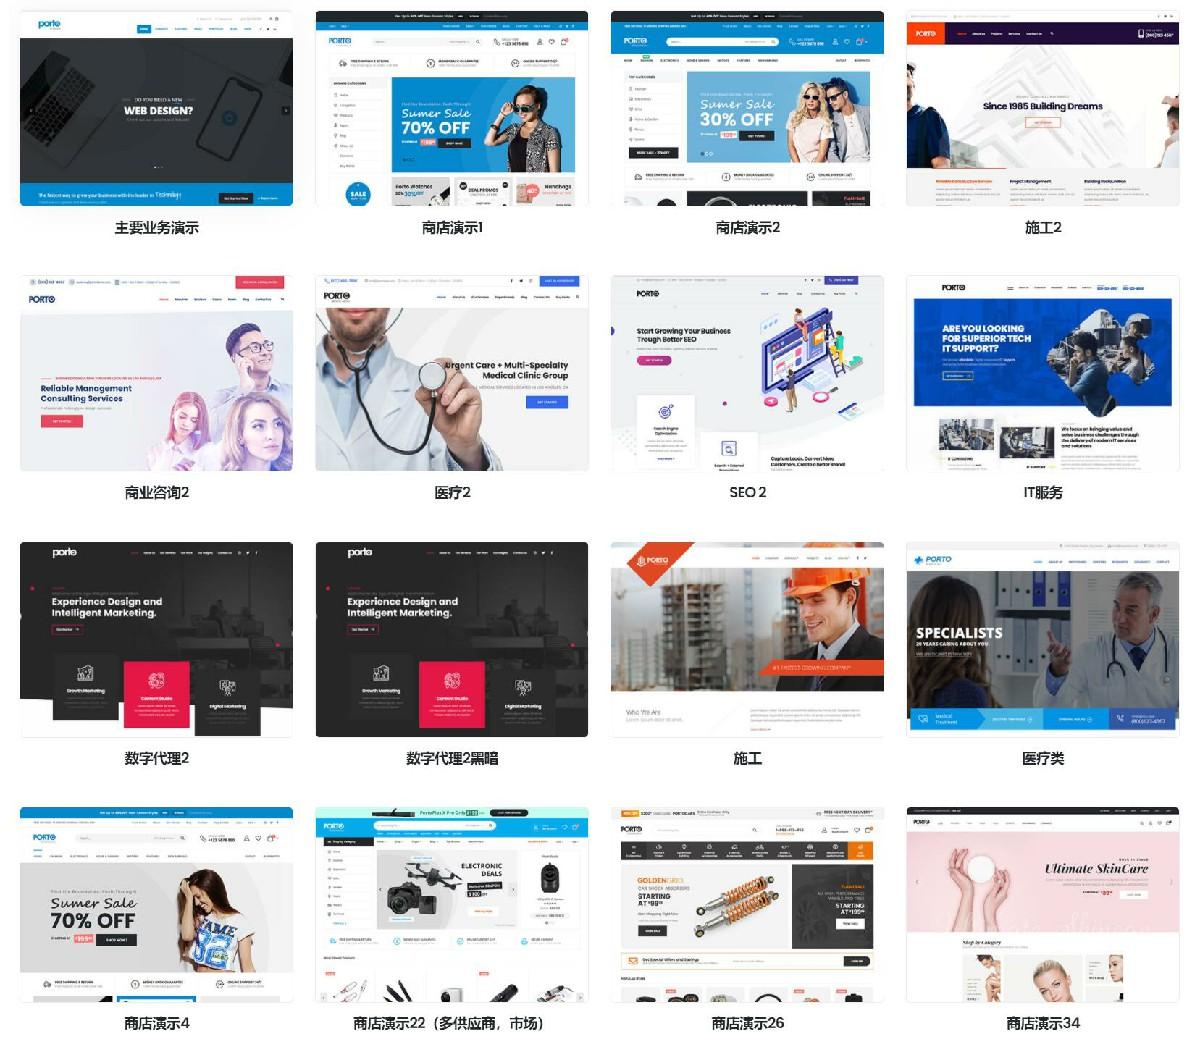 跨境电商网站模板 外贸商城企业网站wordpress主题 Porto V5.5.1中文汉化升级版插图2